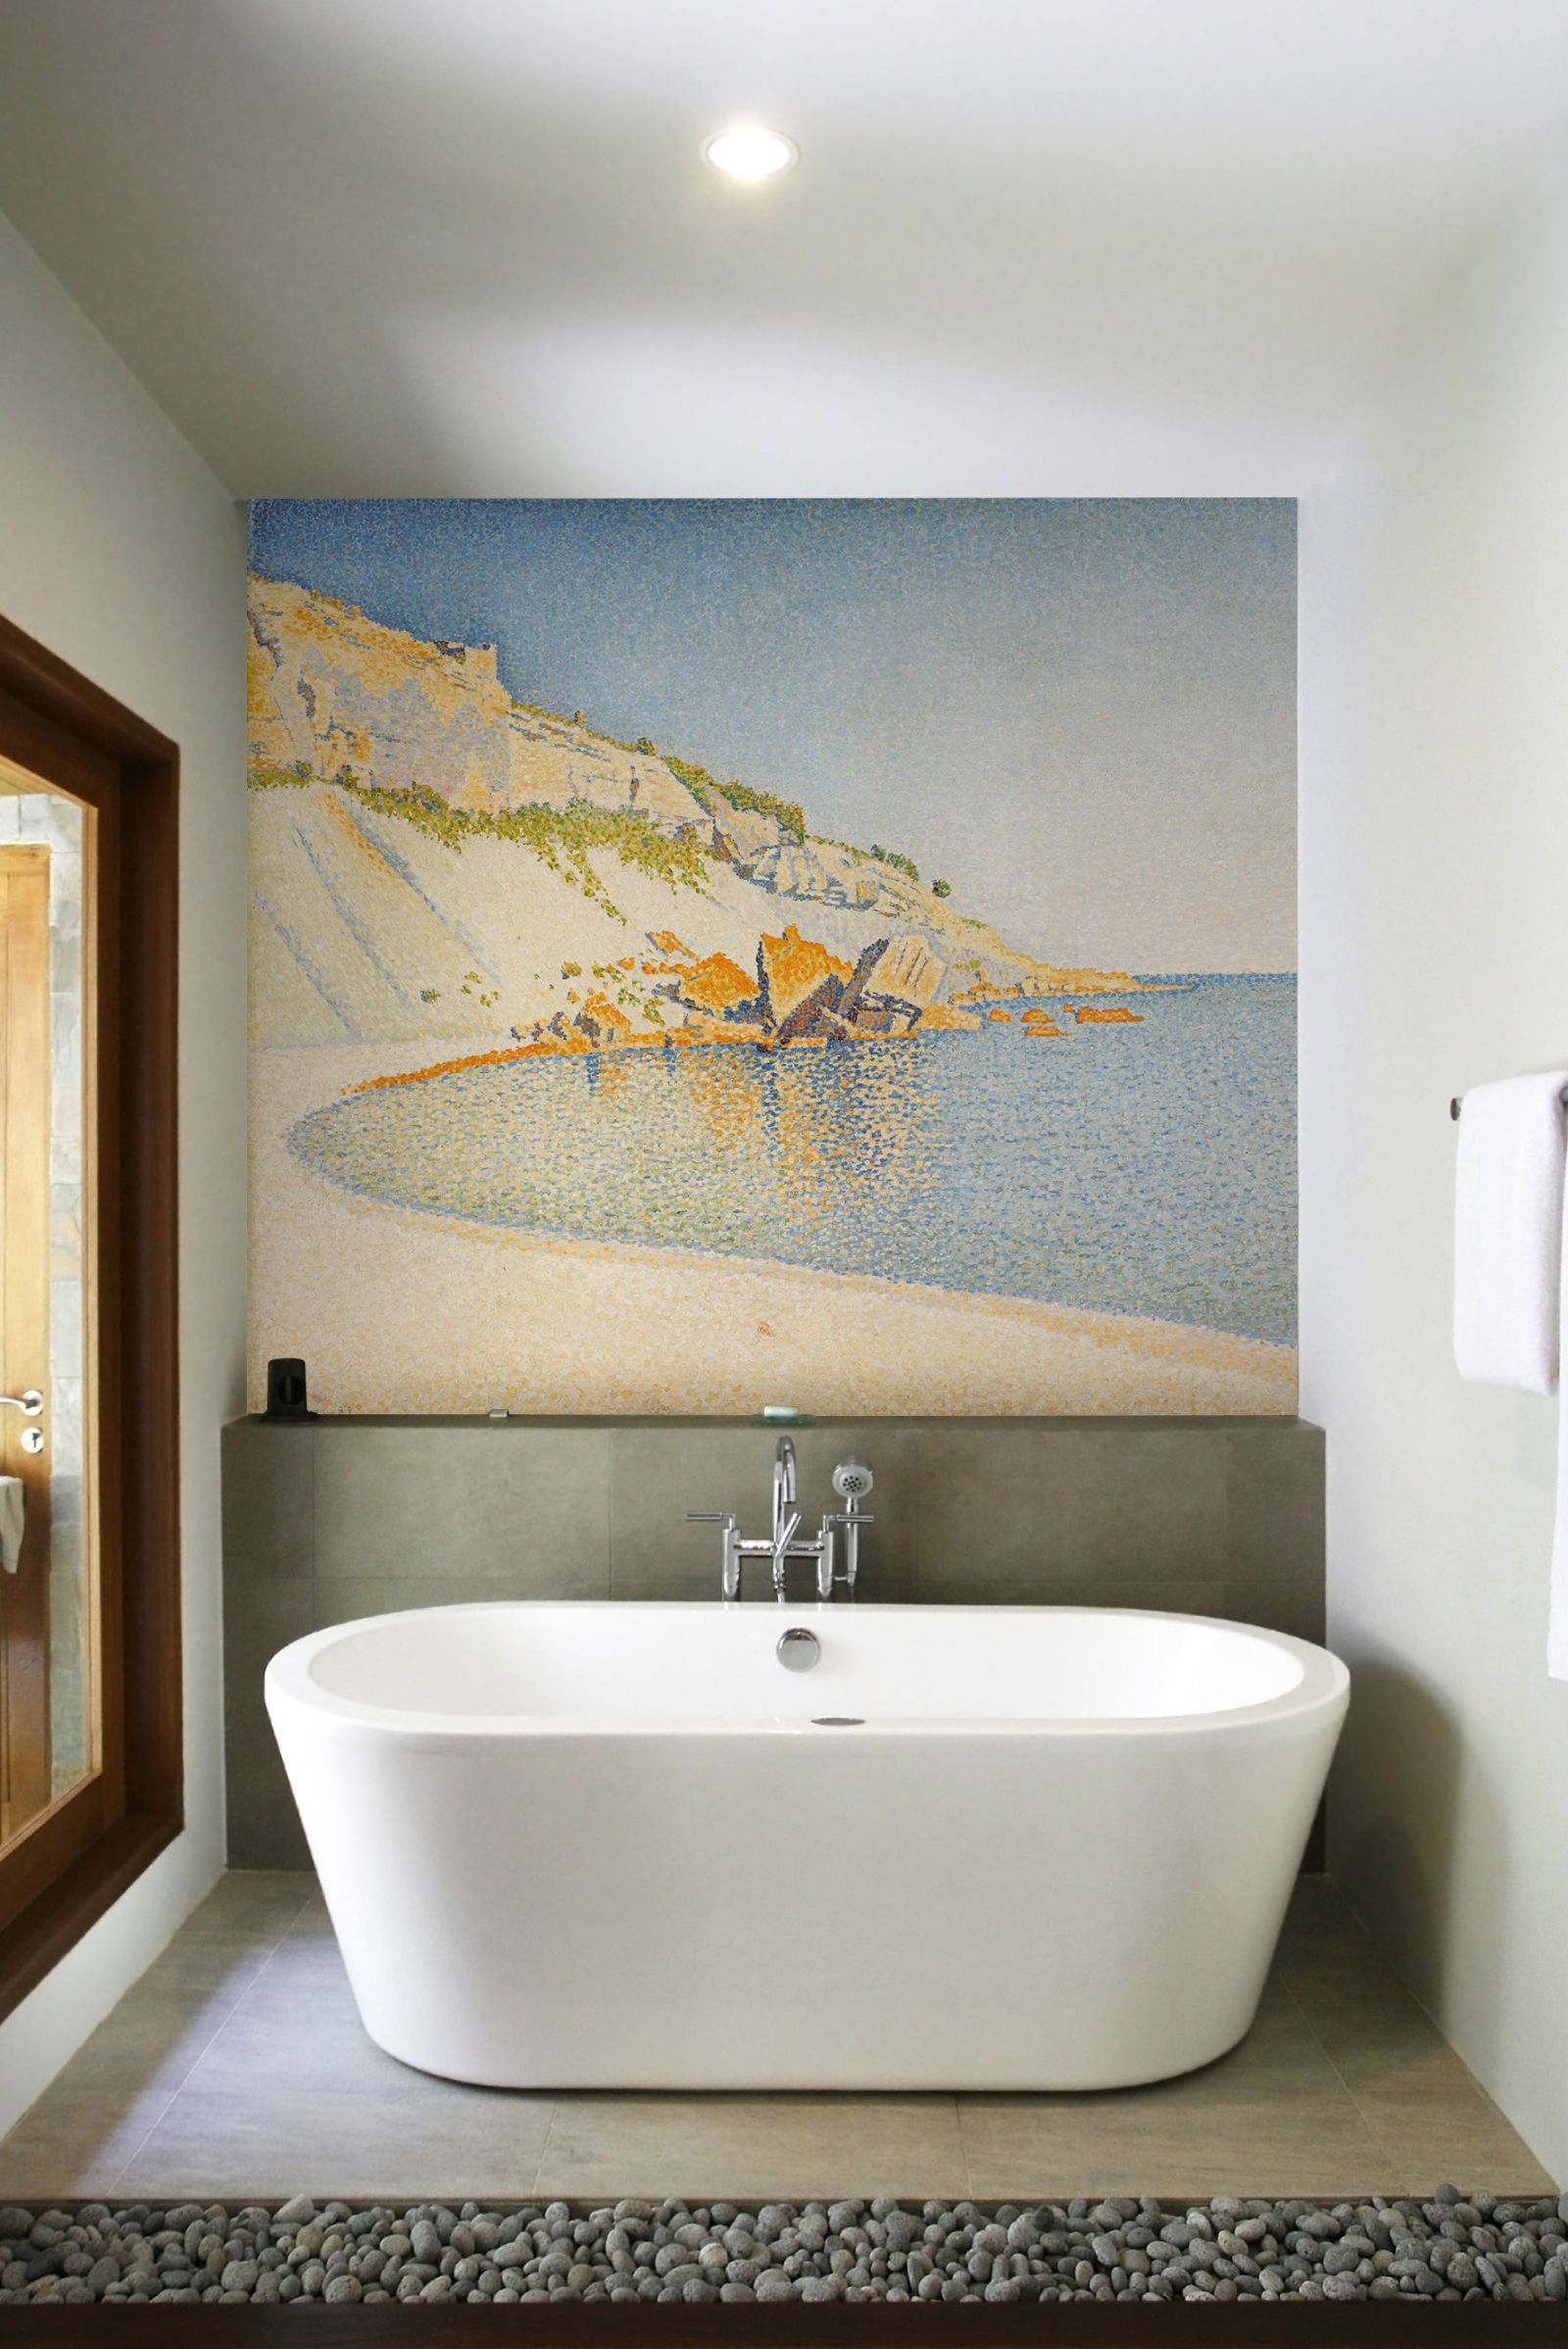 Wall Art By Purlfrost   Signac, Cap Lombard Mural